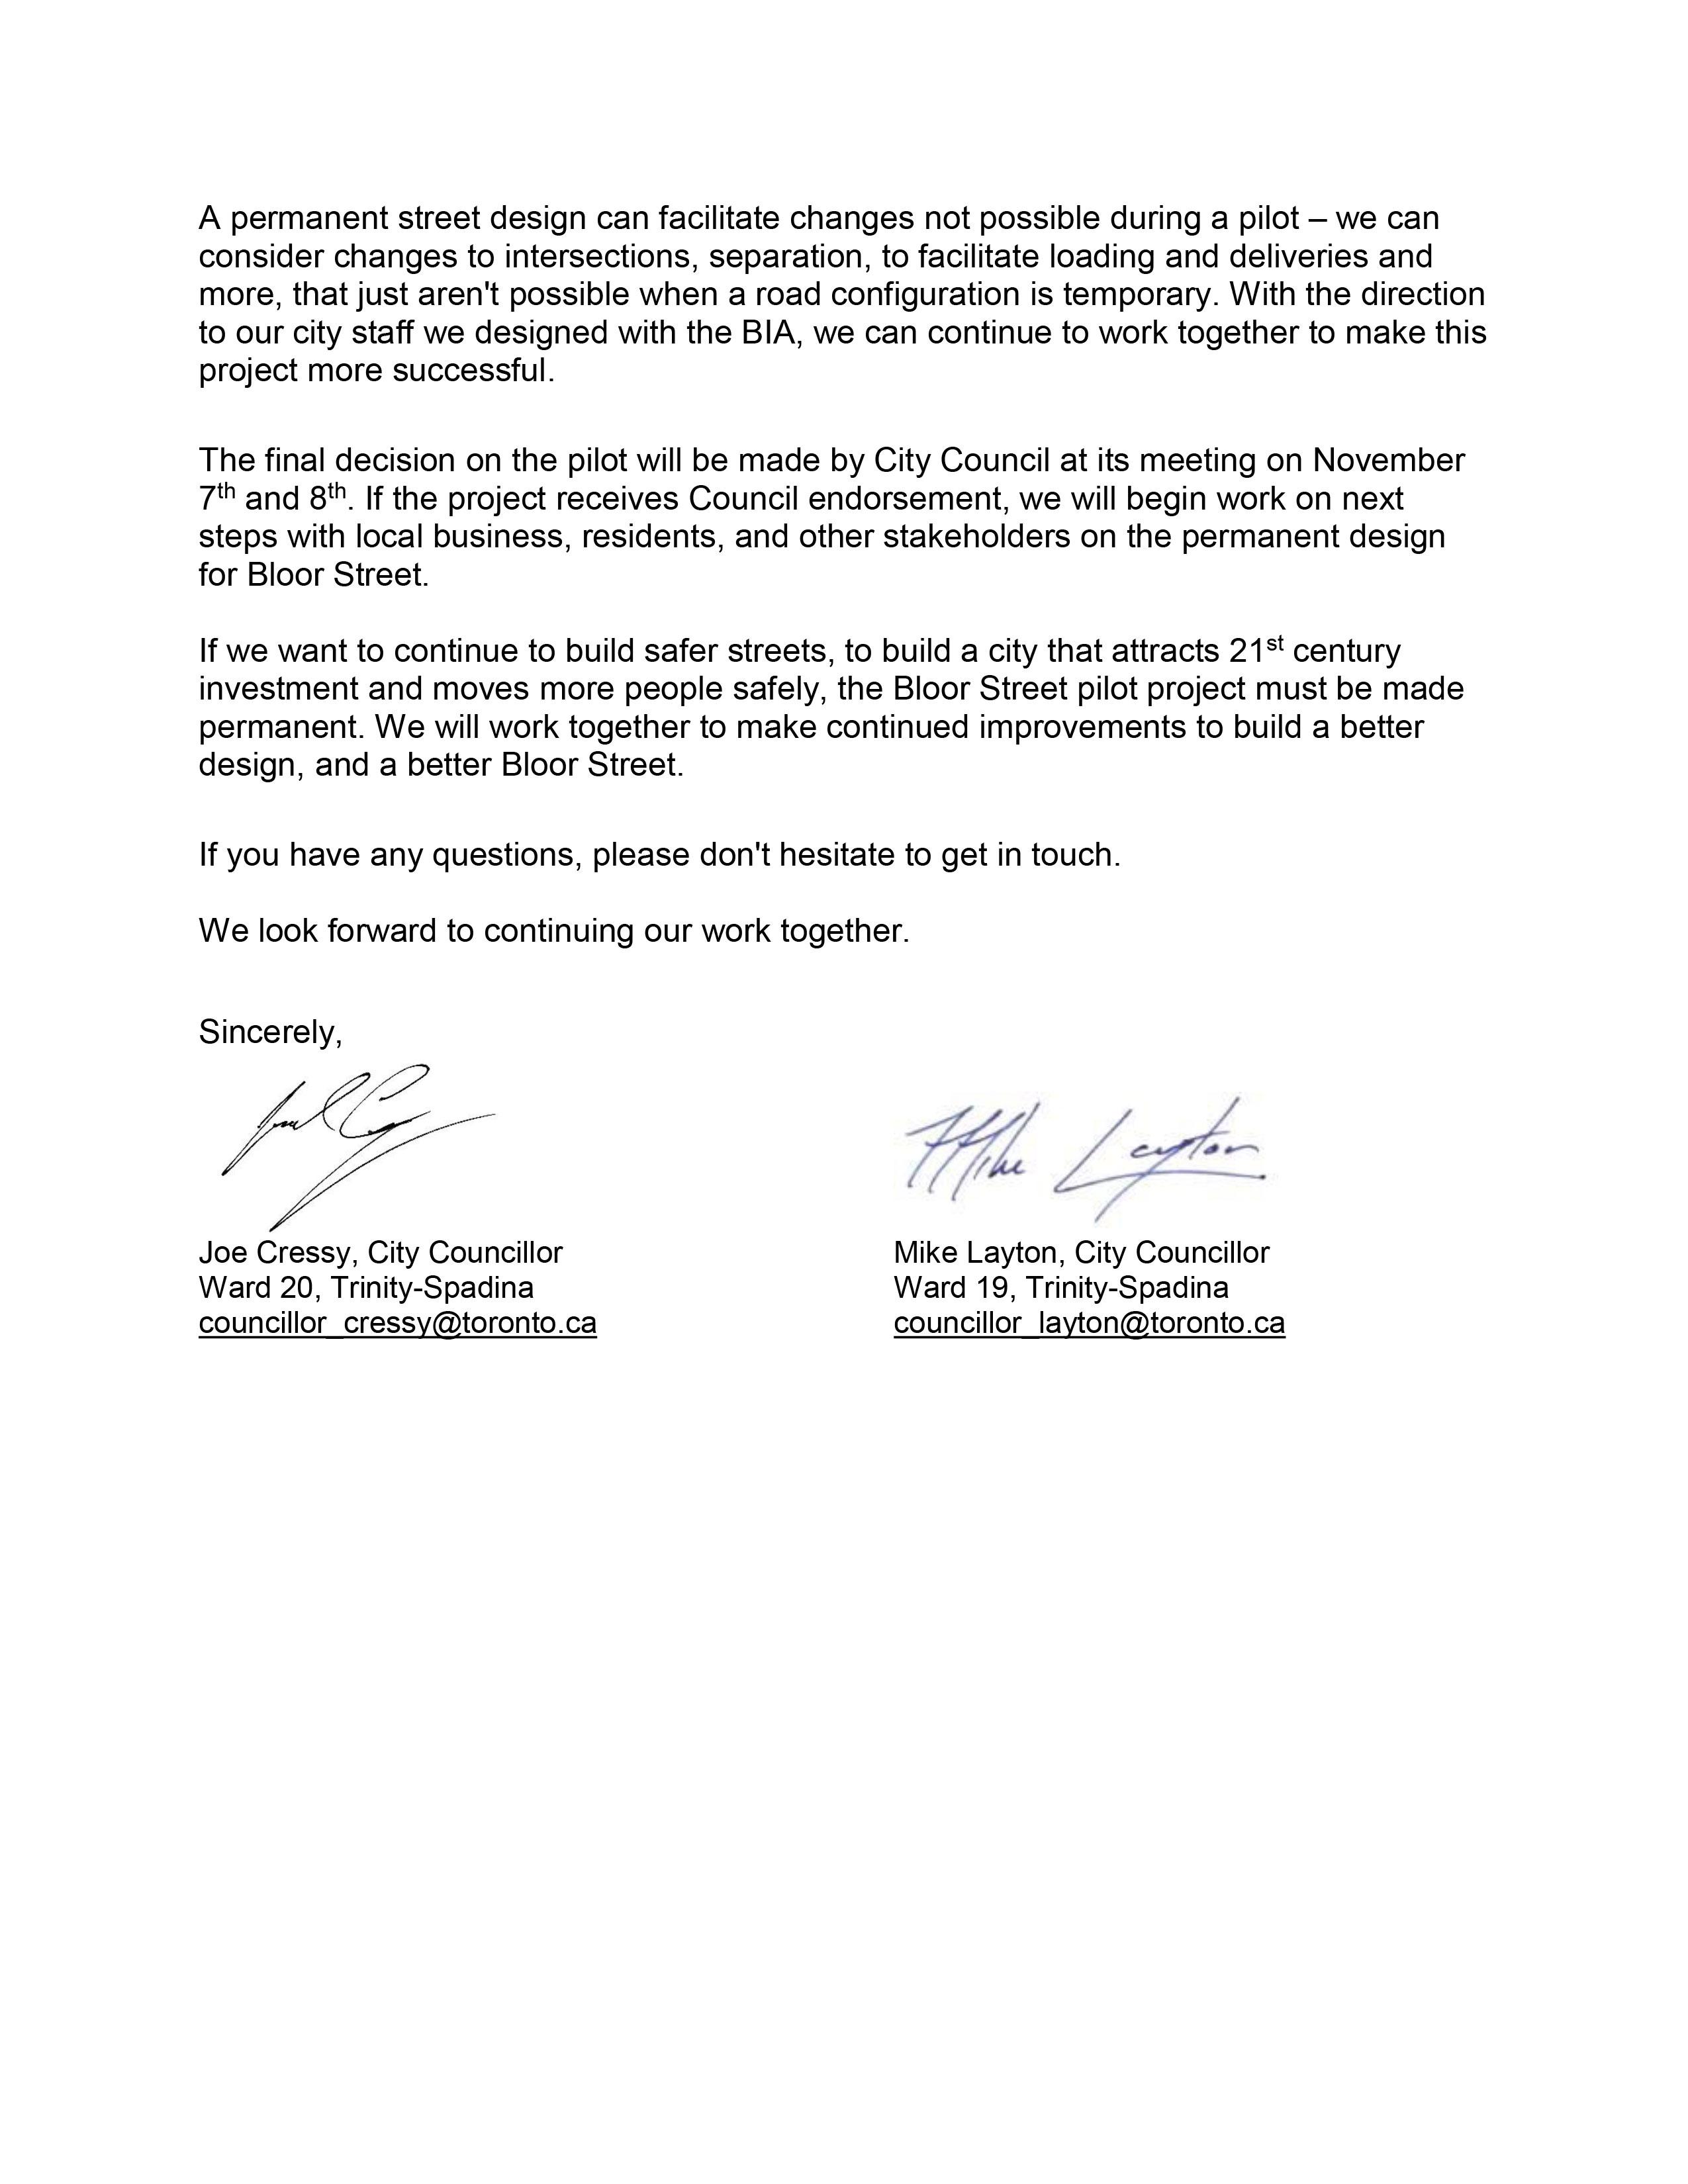 Employee separation letter doc750562 employment separation letter letter professional bid xflitez Images